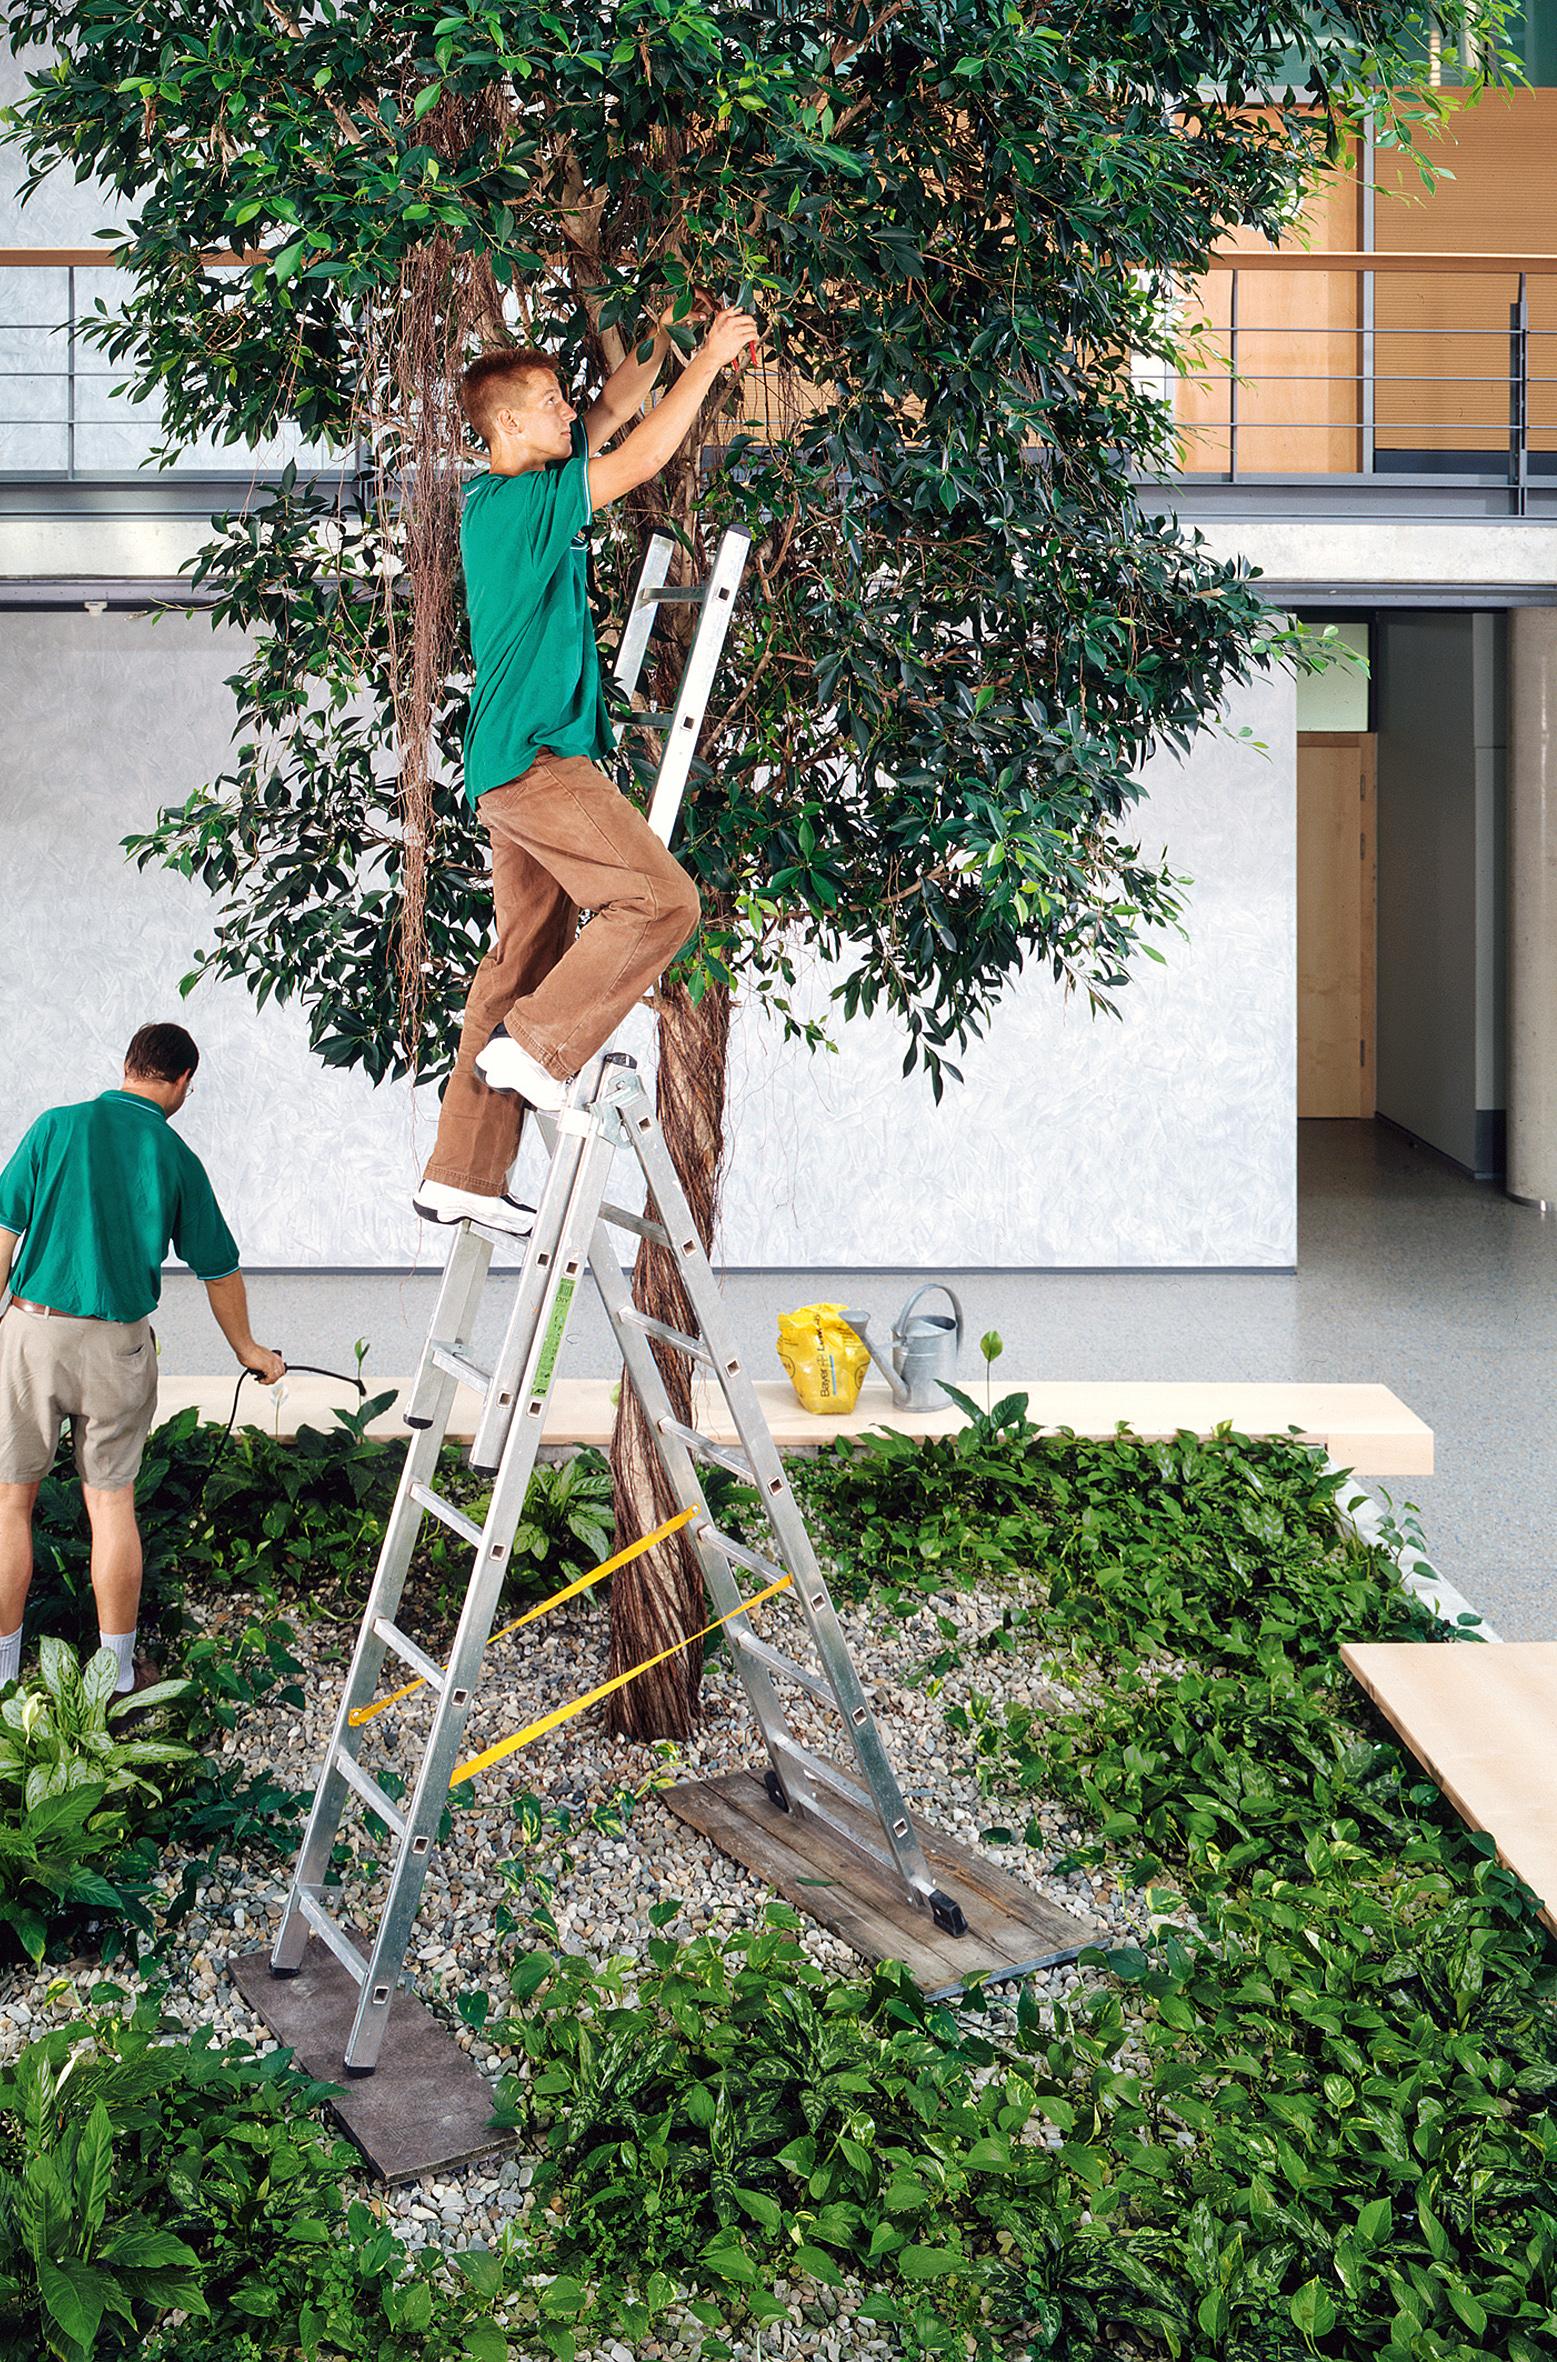 Mission Raumbegrünung: Wohlfühlen mit Pflanzen in Bürogebäuden